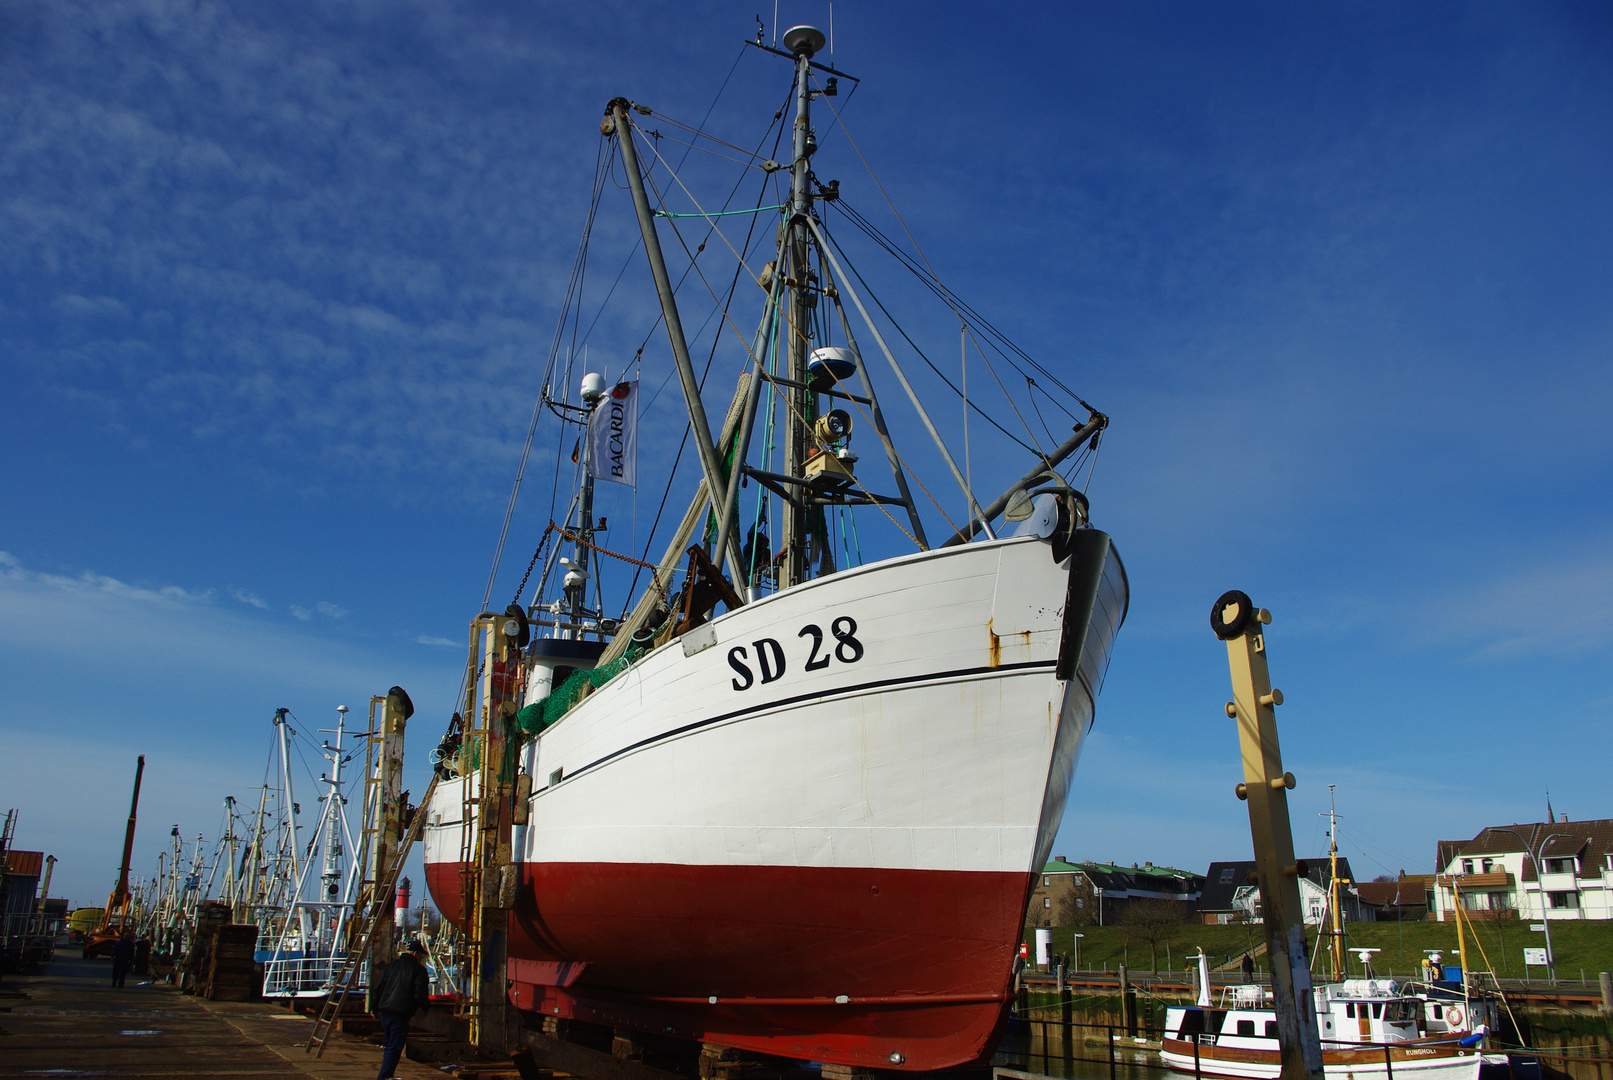 Fischkutter SD 28 Stella Polaris auf der Werft 2